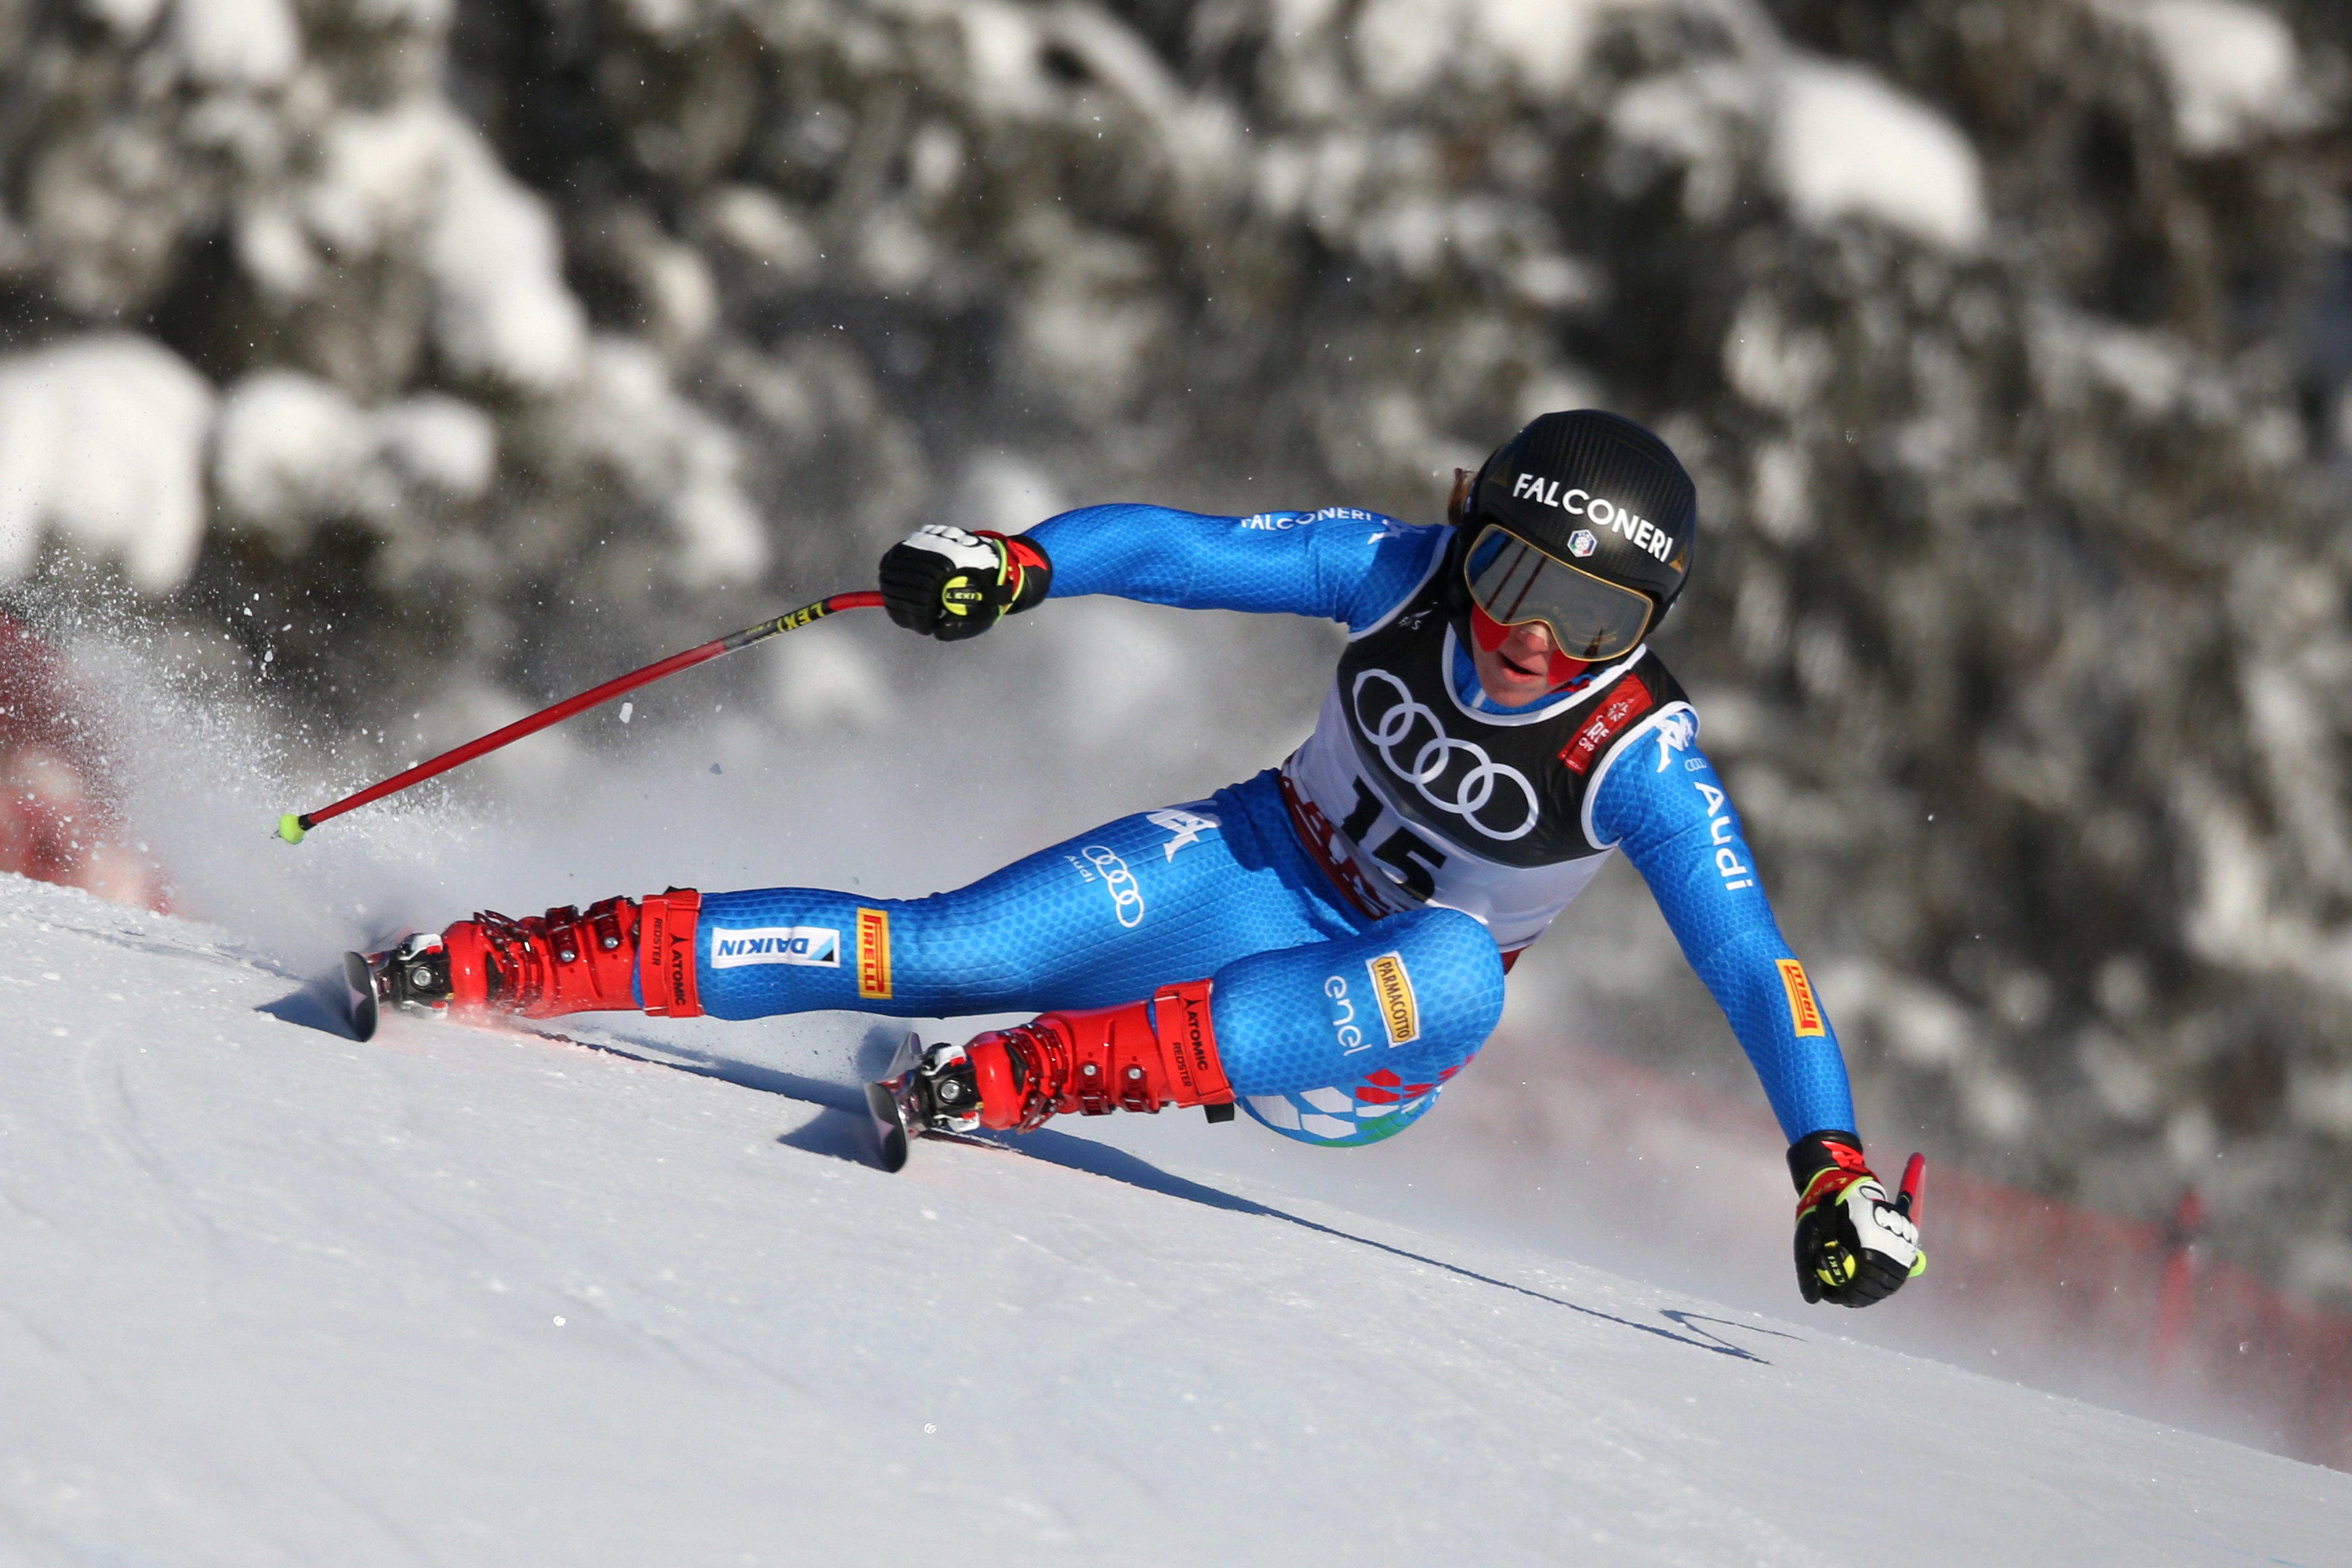 Mondiali Sci alpino: Sofia Goggia può colpire nel SuperG d'addio della Vonn